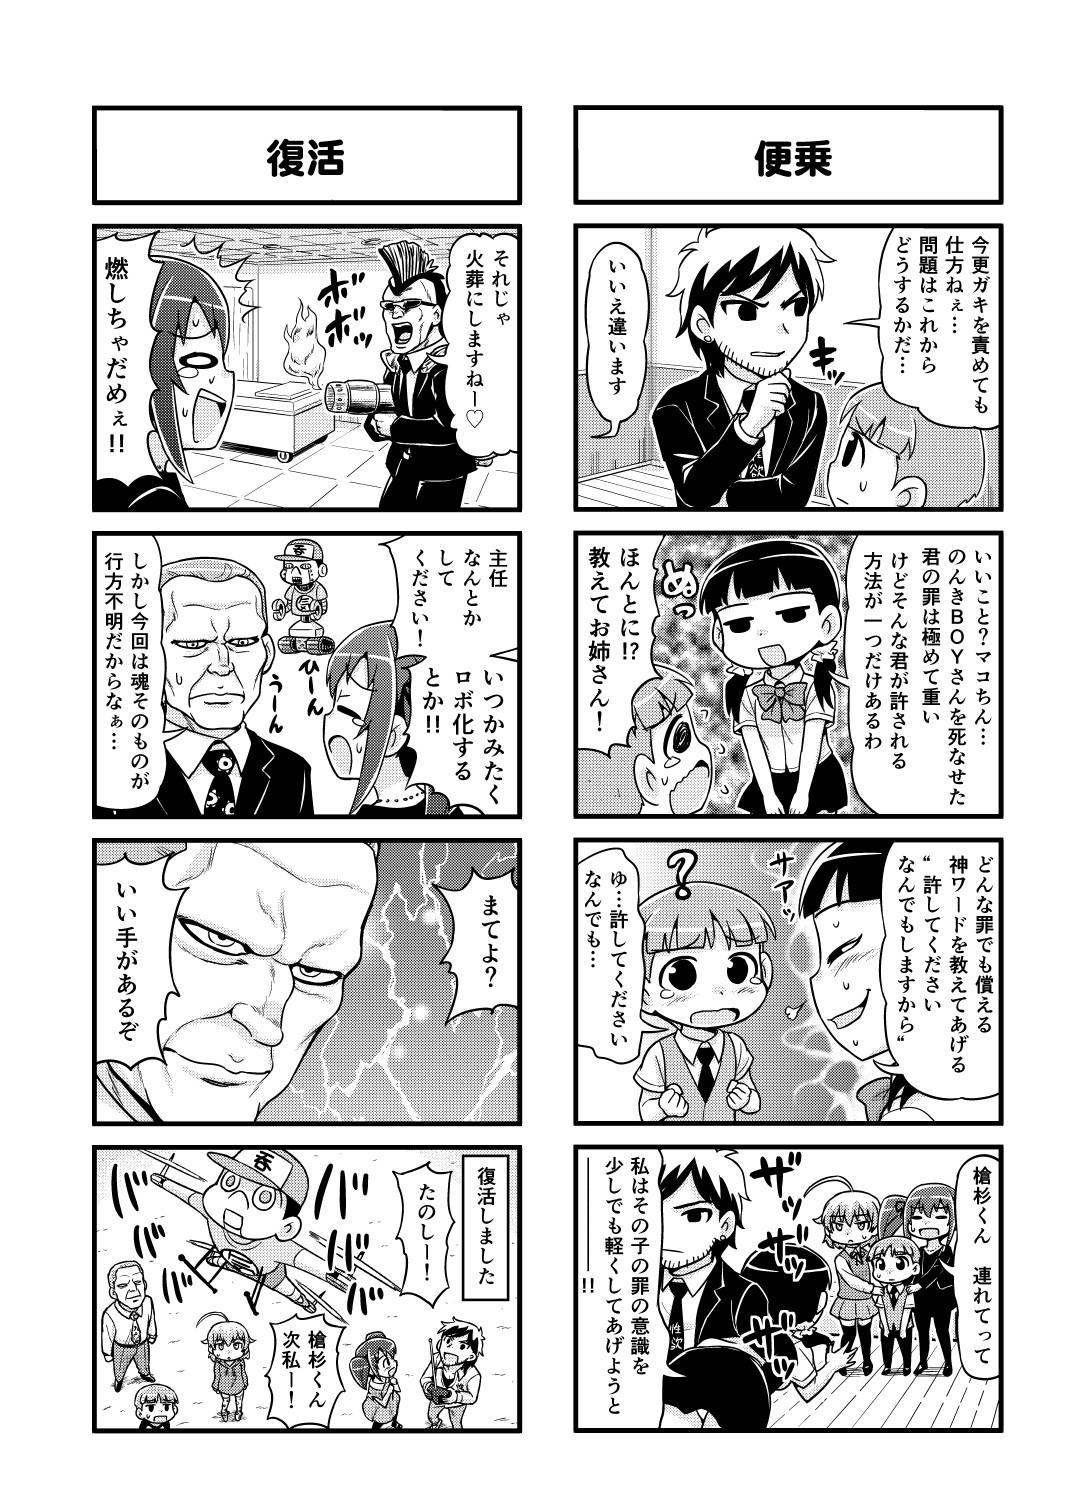 のんきBOY Ch. 1-20 83